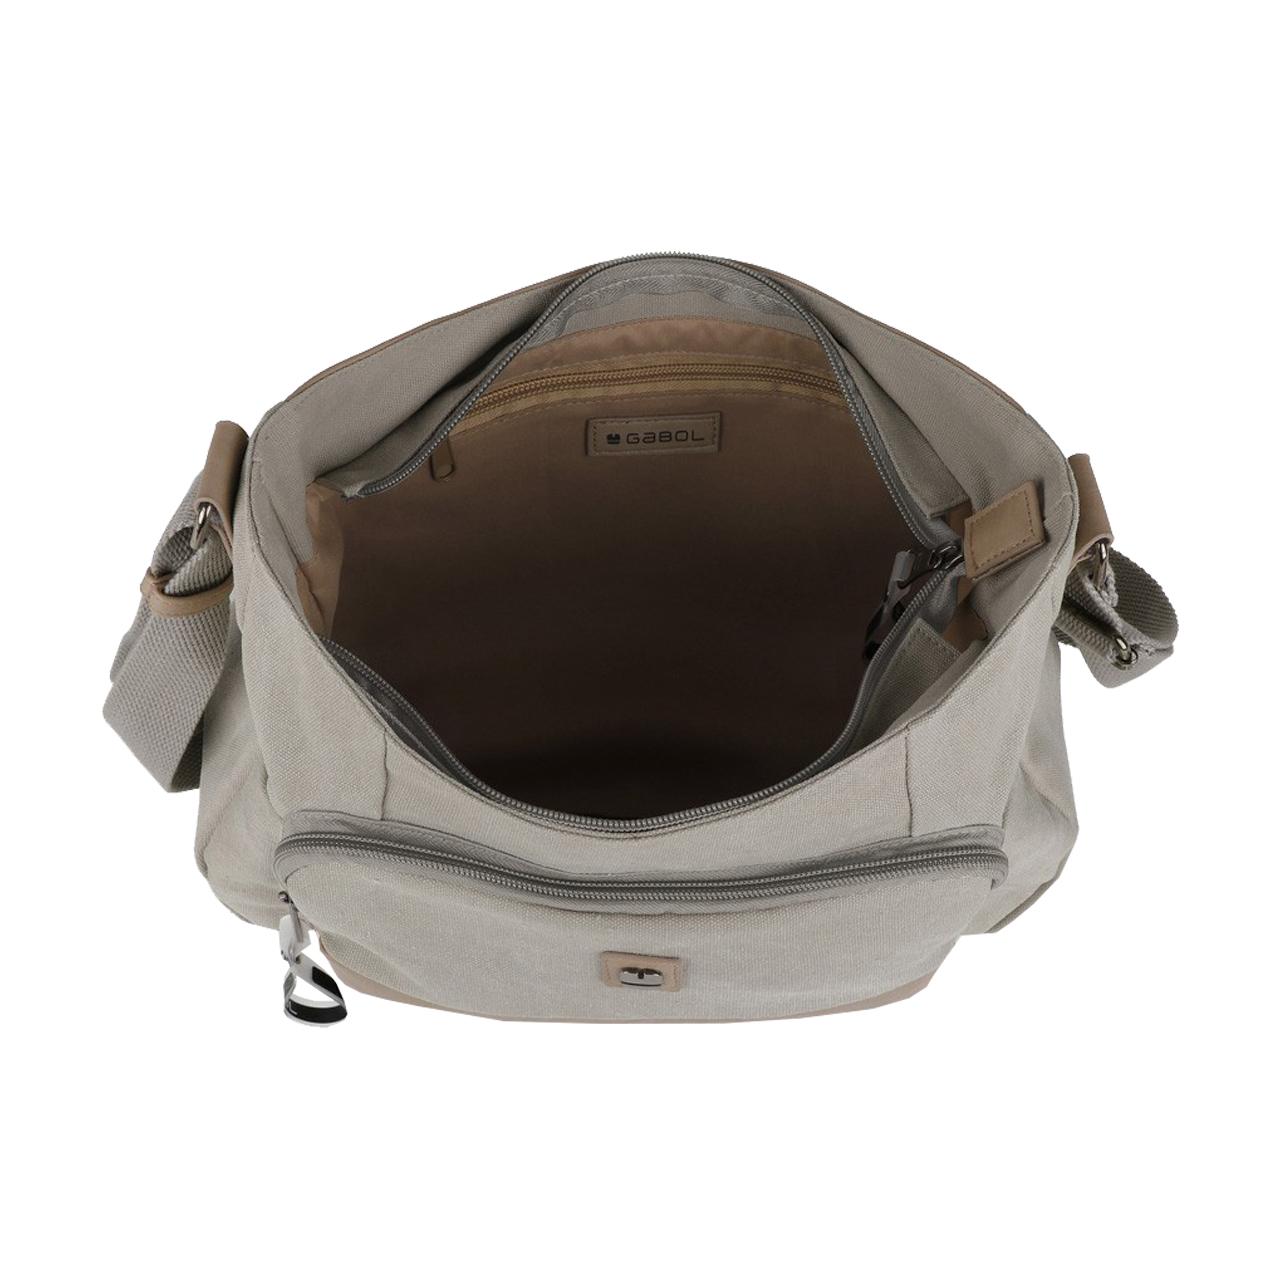 کیف دوشی زنانه گابل مدل Juno 539112 -  - 6